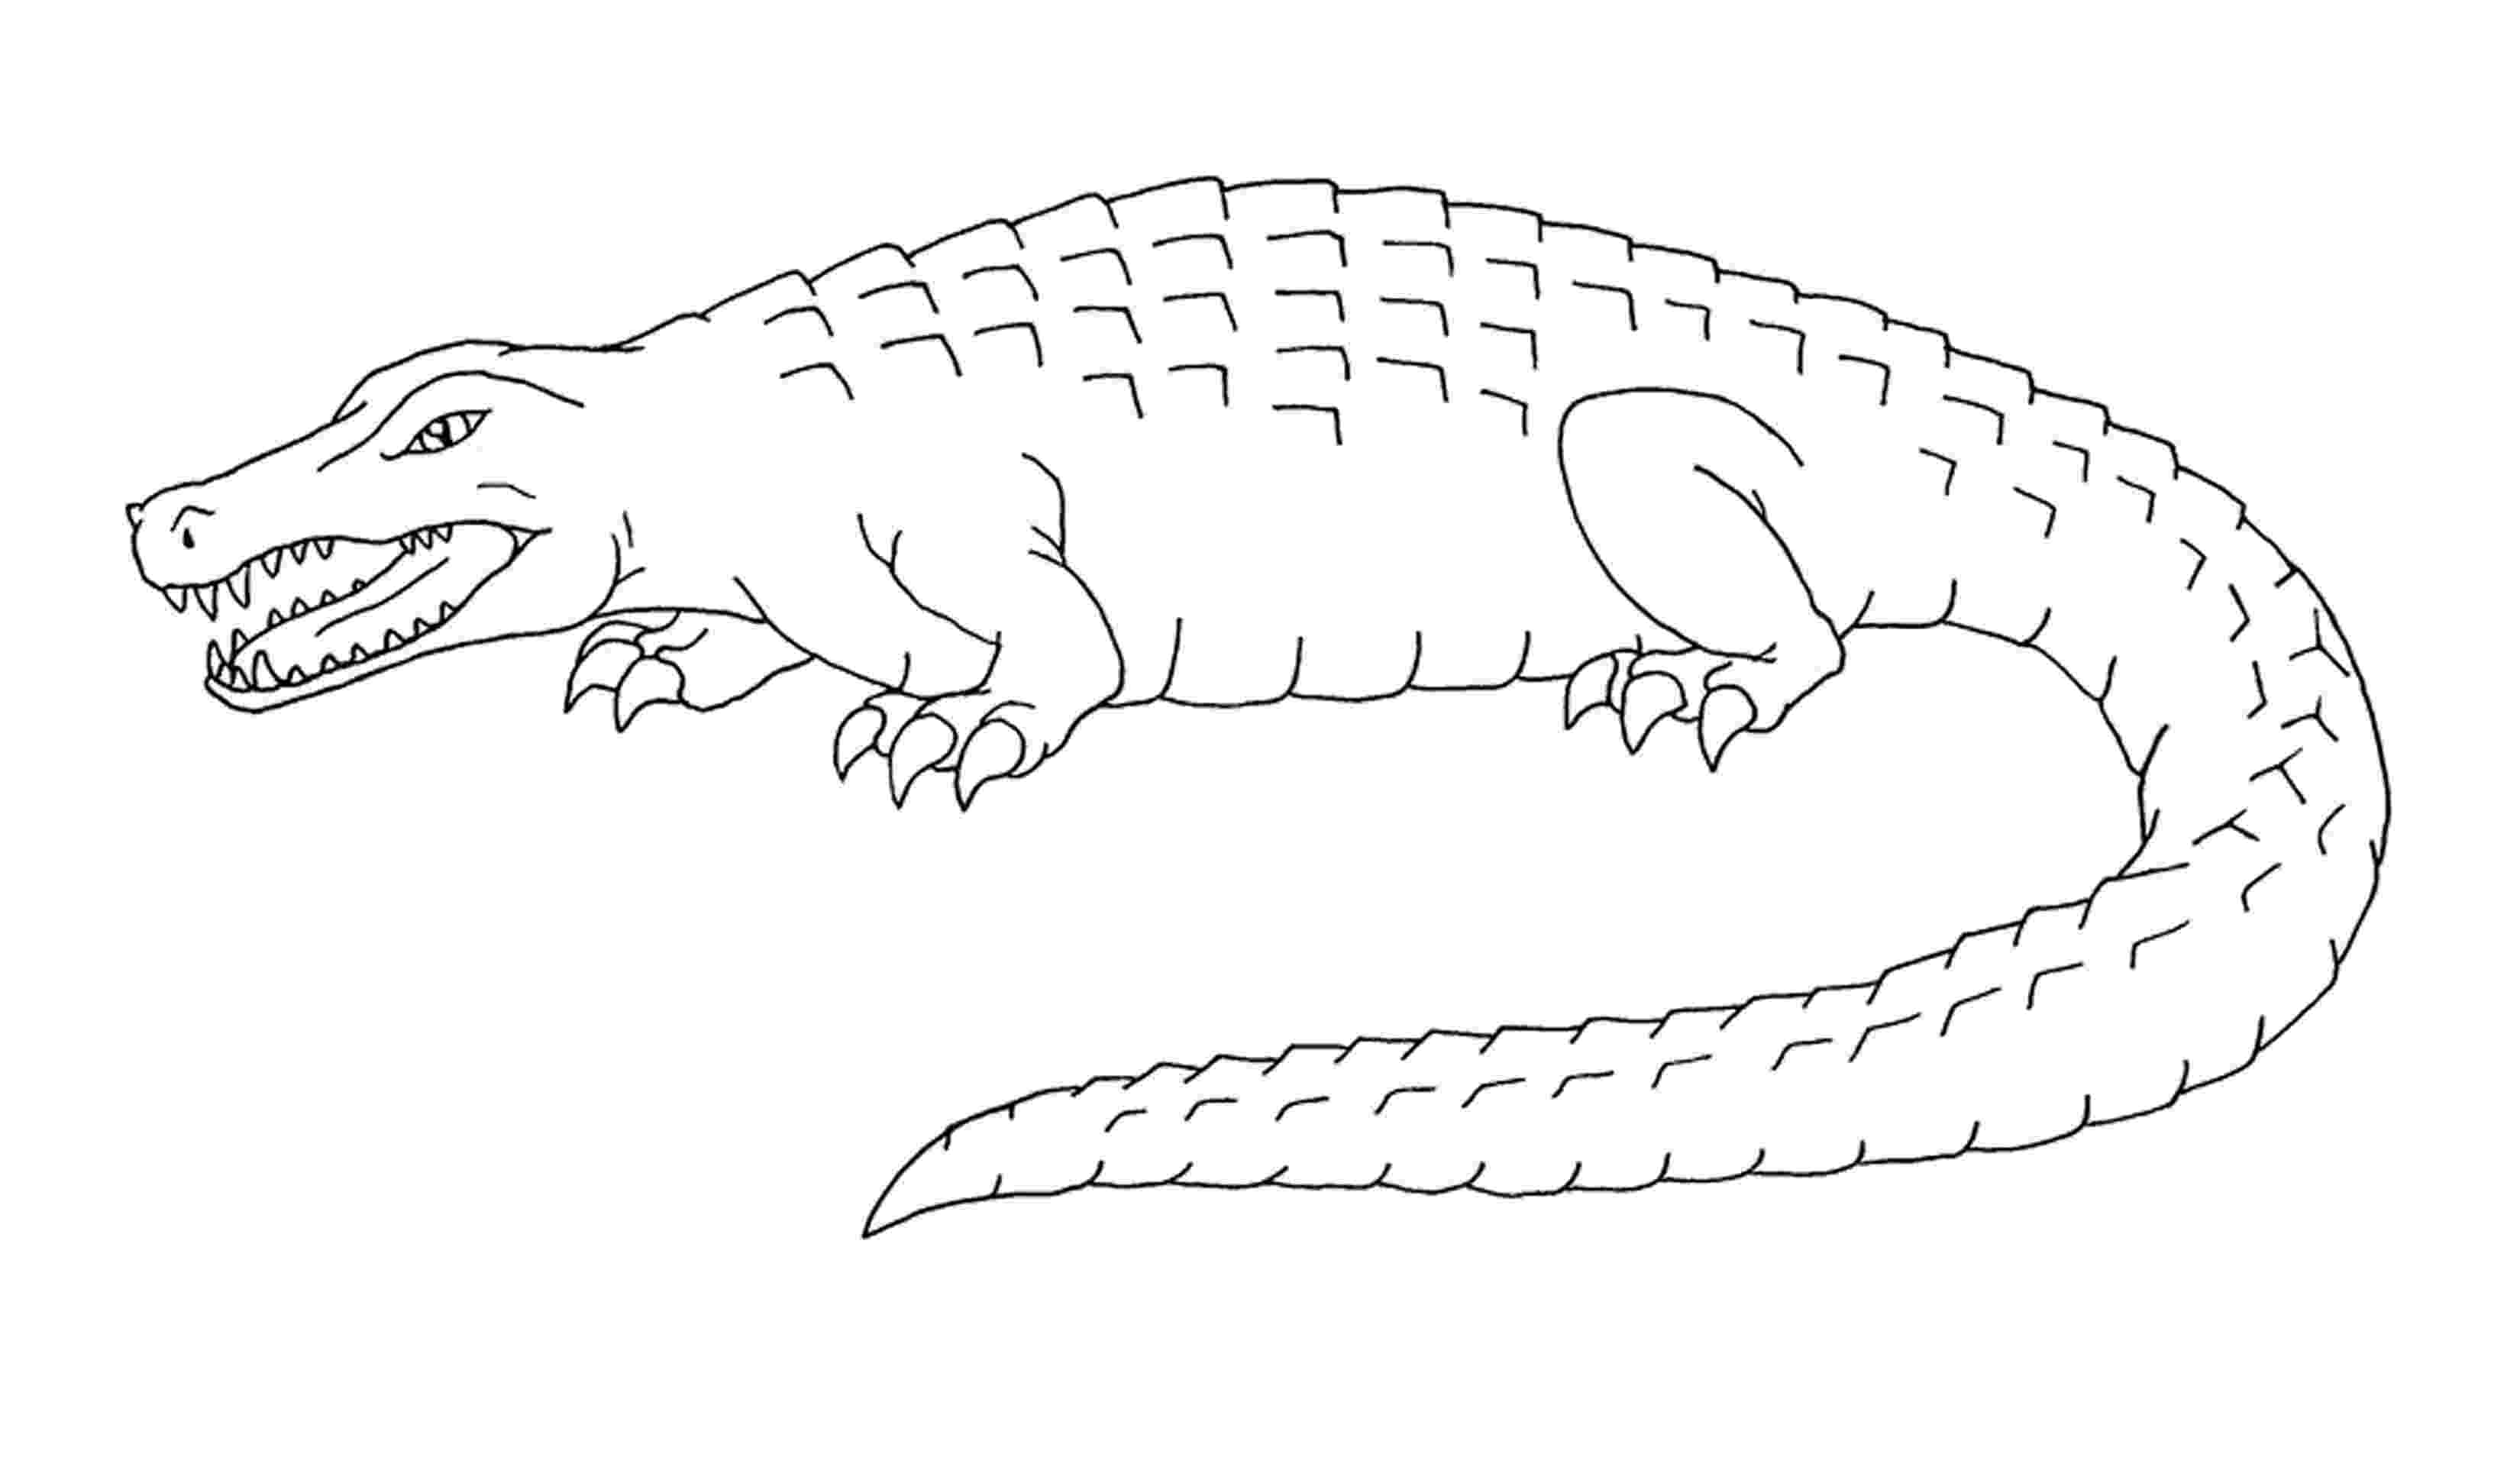 crocodile colouring pictures crocodile coloring pages download and print crocodile pictures crocodile colouring